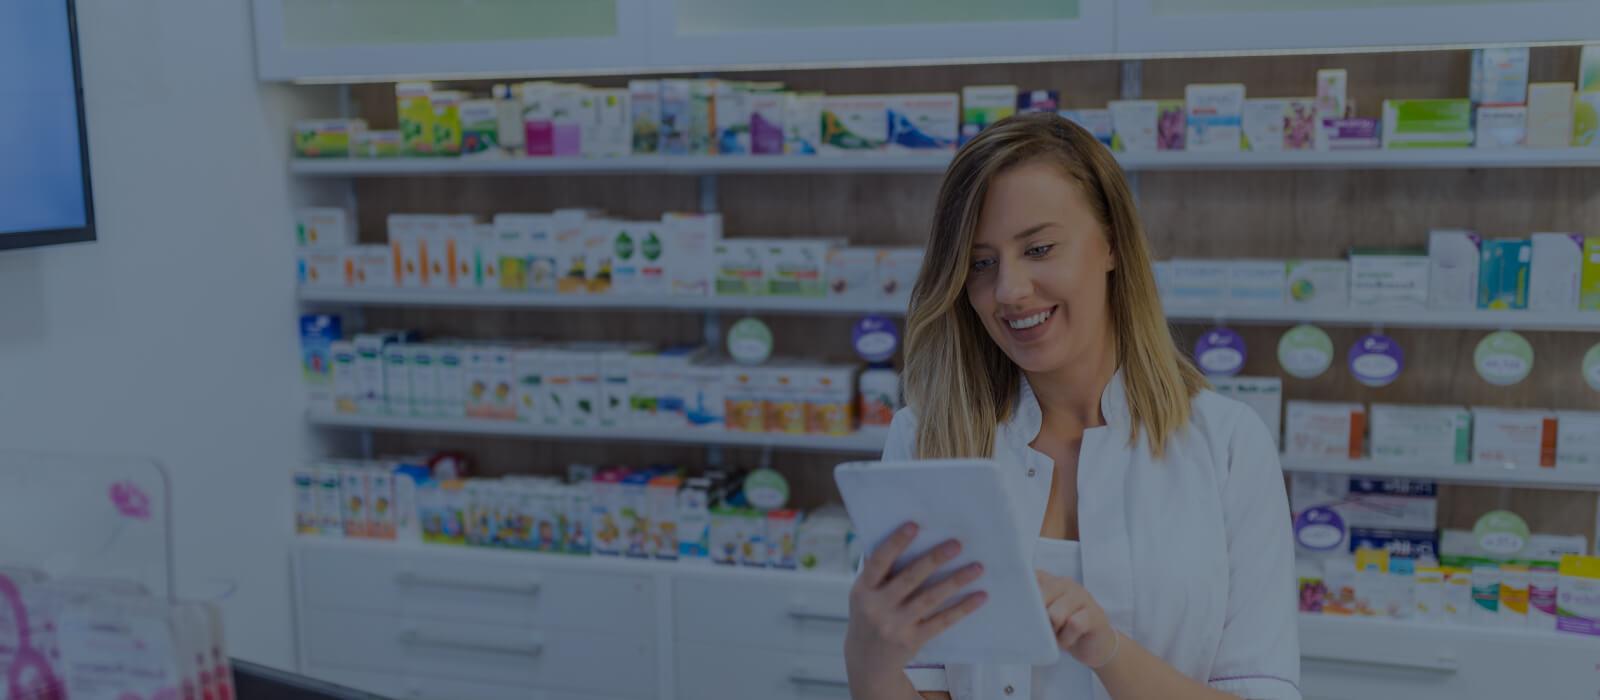 Aumente a eficiência da sua gestão e vantagem competitiva das suas farmácias!